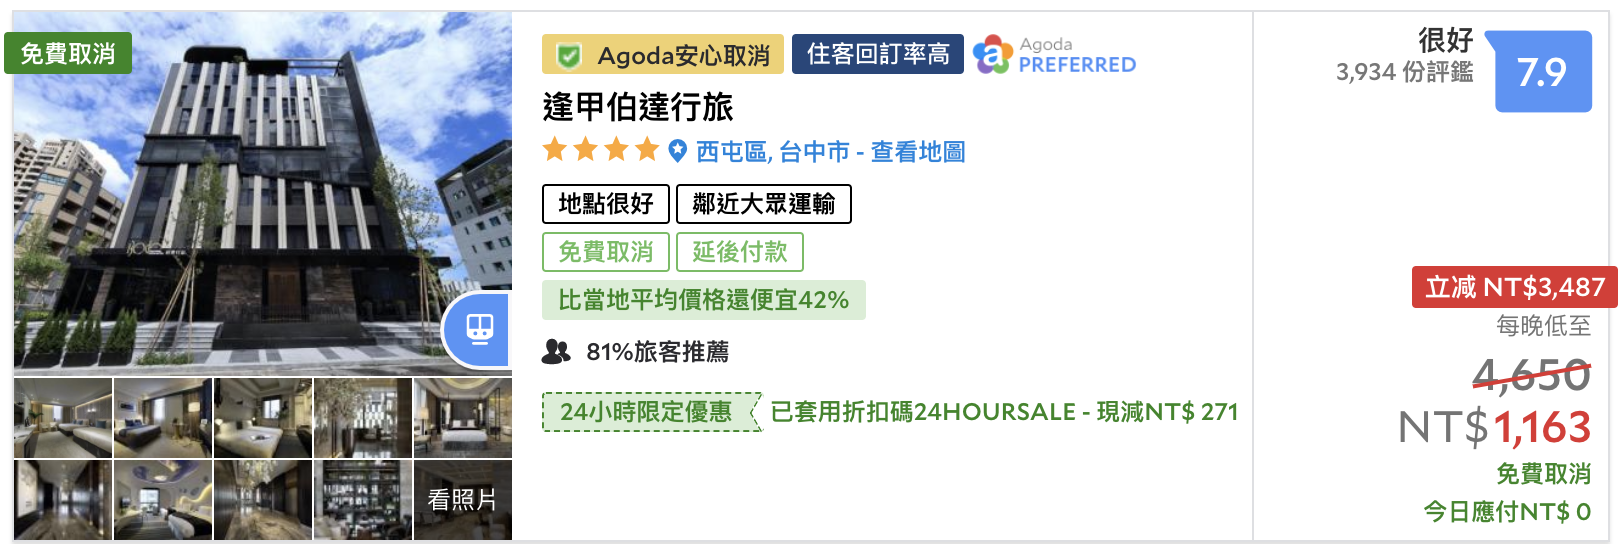 台中2K以內可入住高評分旅店推薦,一次讓你省錢還有好房住~